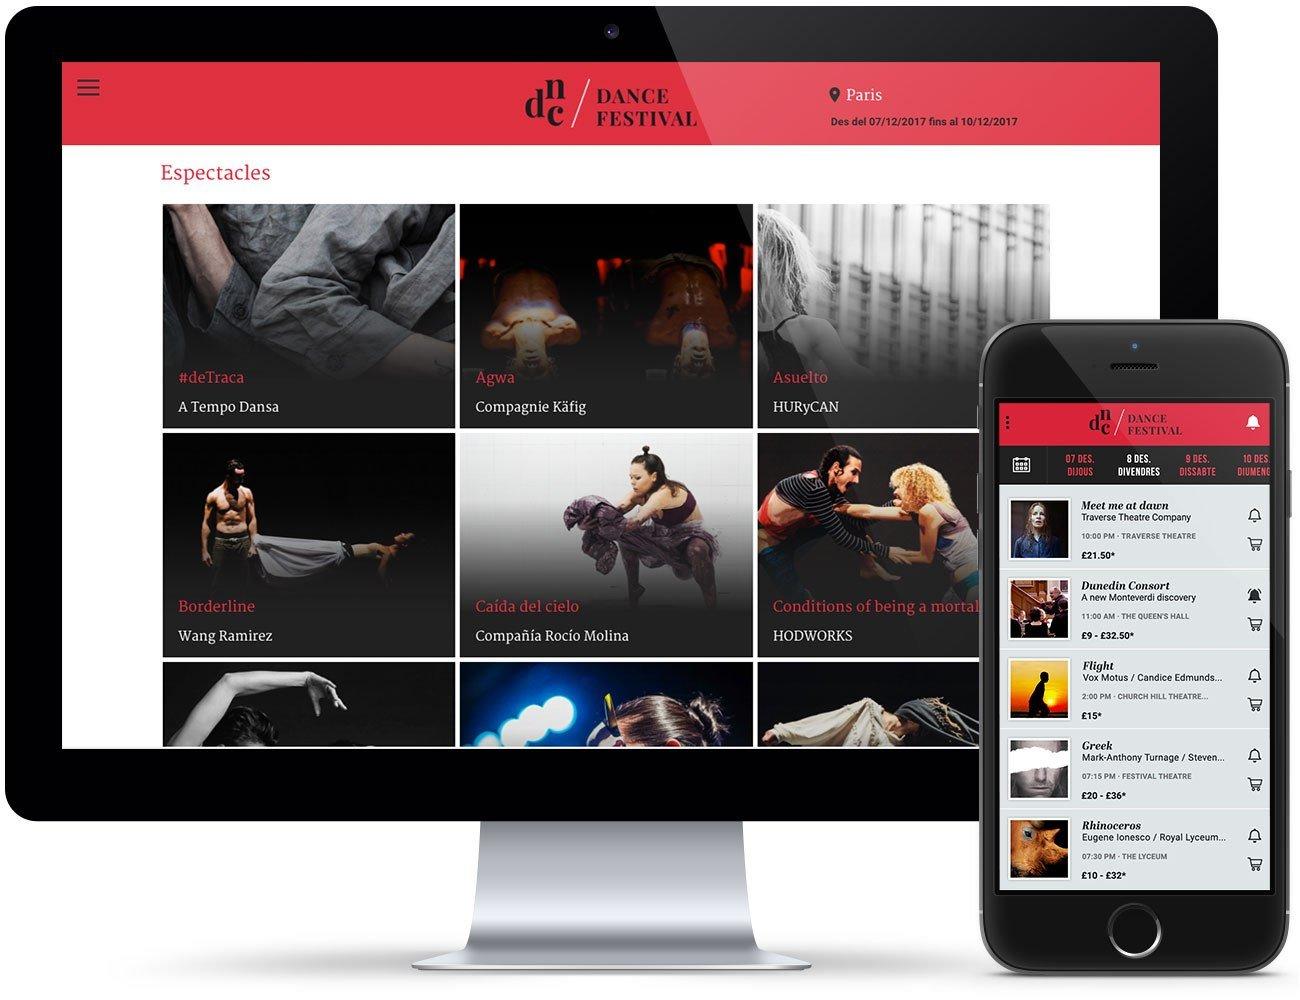 Toda la programación del festival de teatro disponible en el móvil del aficionado a las Artes Escénicas